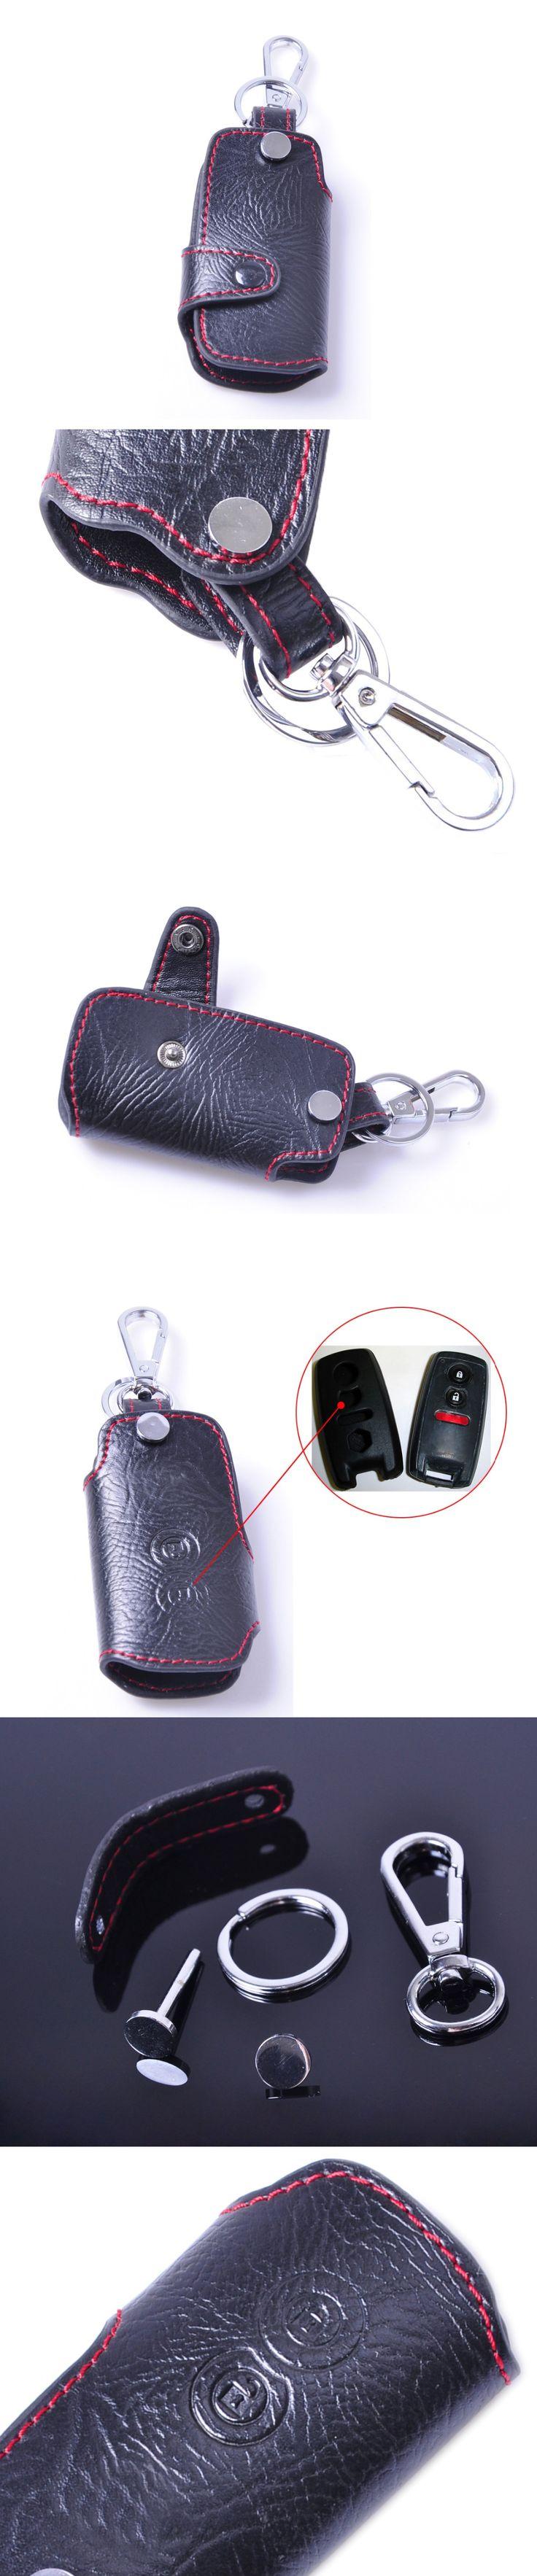 DWCX New Genuine Leather Remote Key Chain Holder Case Cover Fob for SUZUKI Grand Vitara SX4 2008 2009 2010 2011 2012